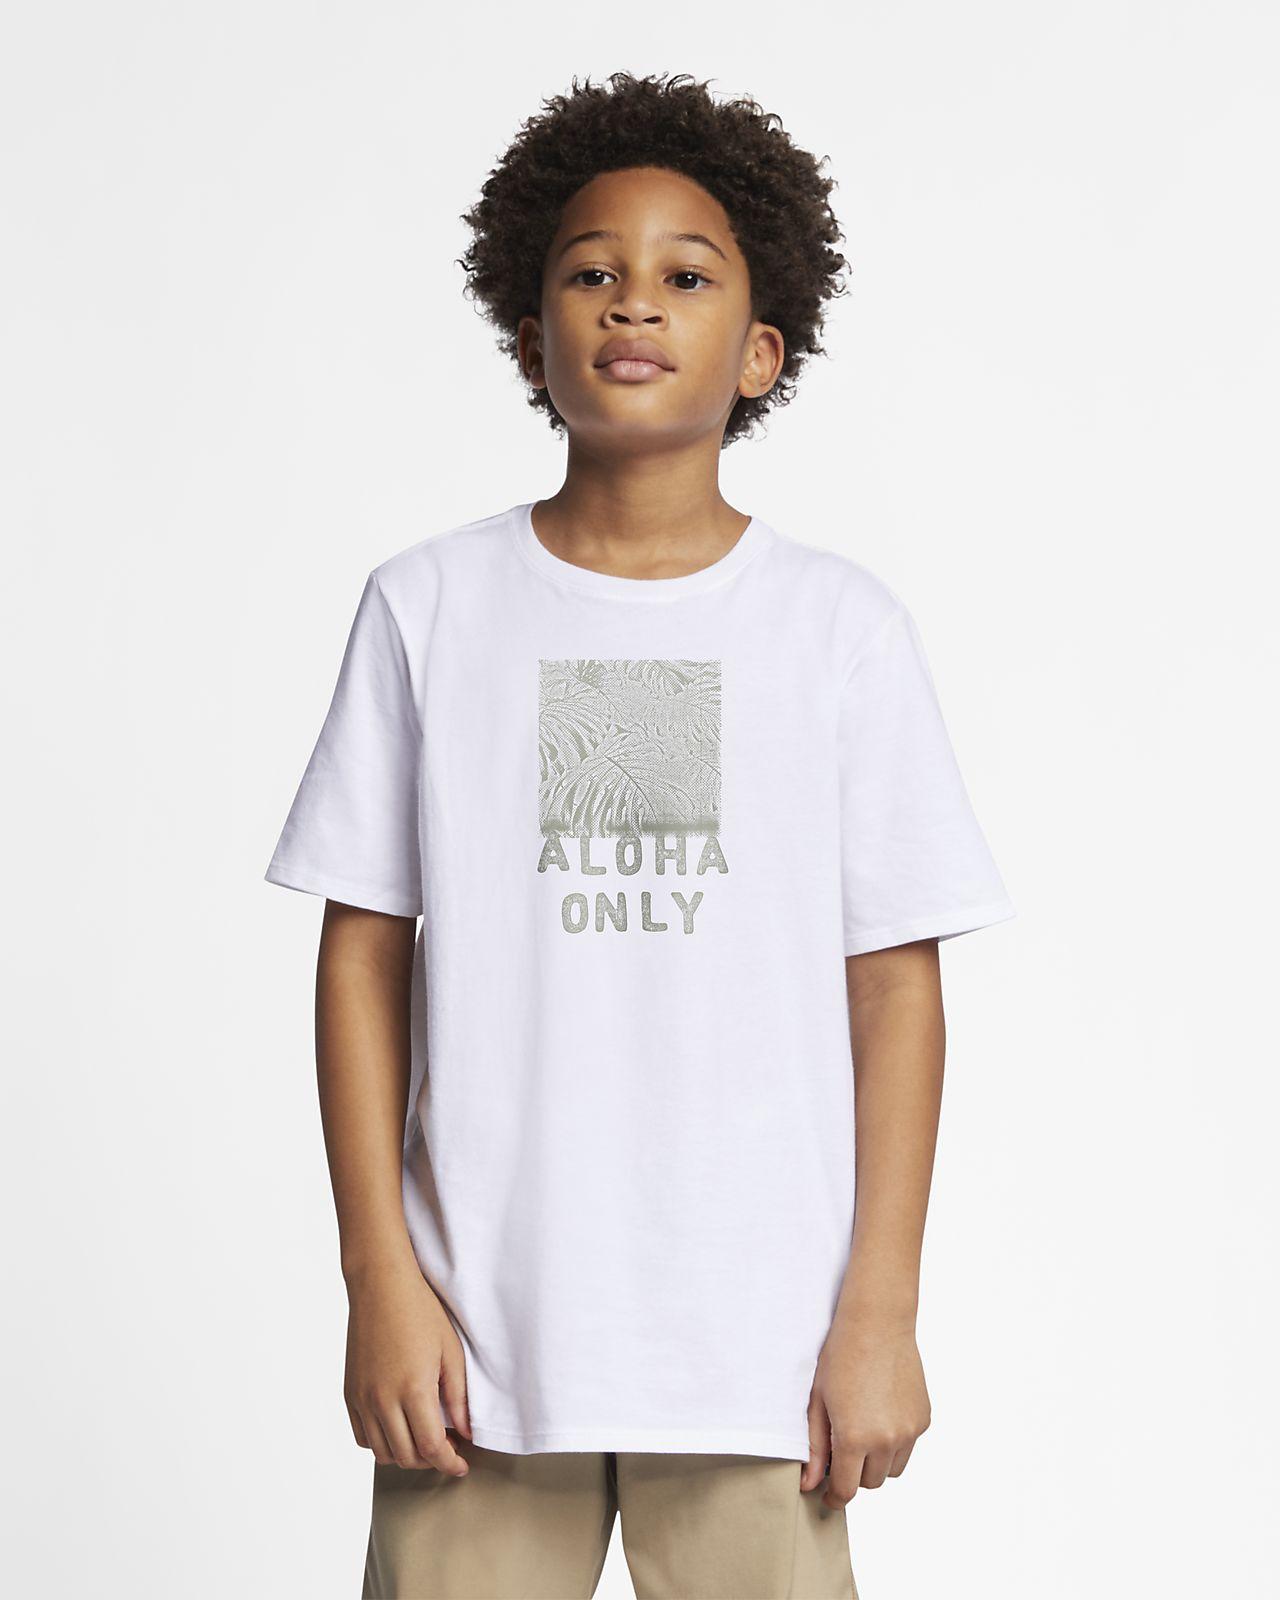 T-shirt Hurley Premium Aloha Only - Bambino/Ragazzo